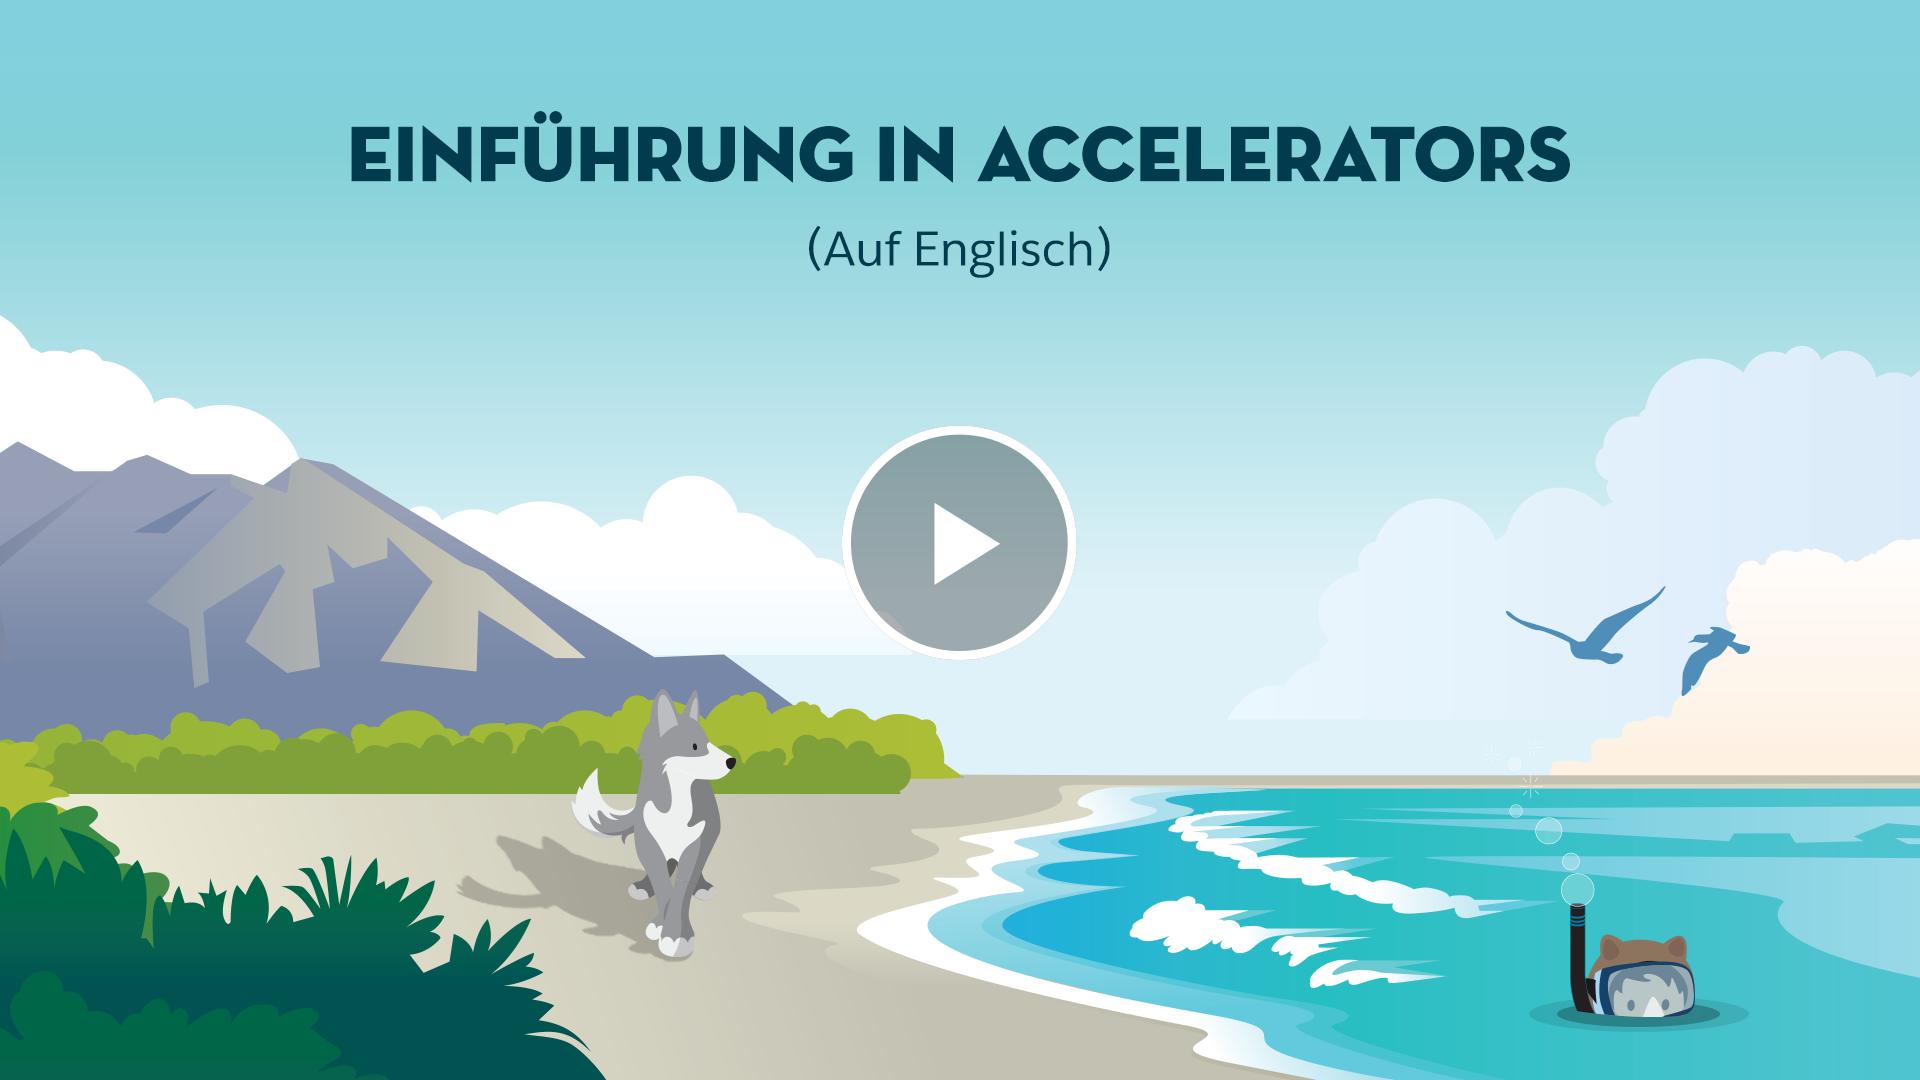 Einführung in Accelerators (Auf Englisch)